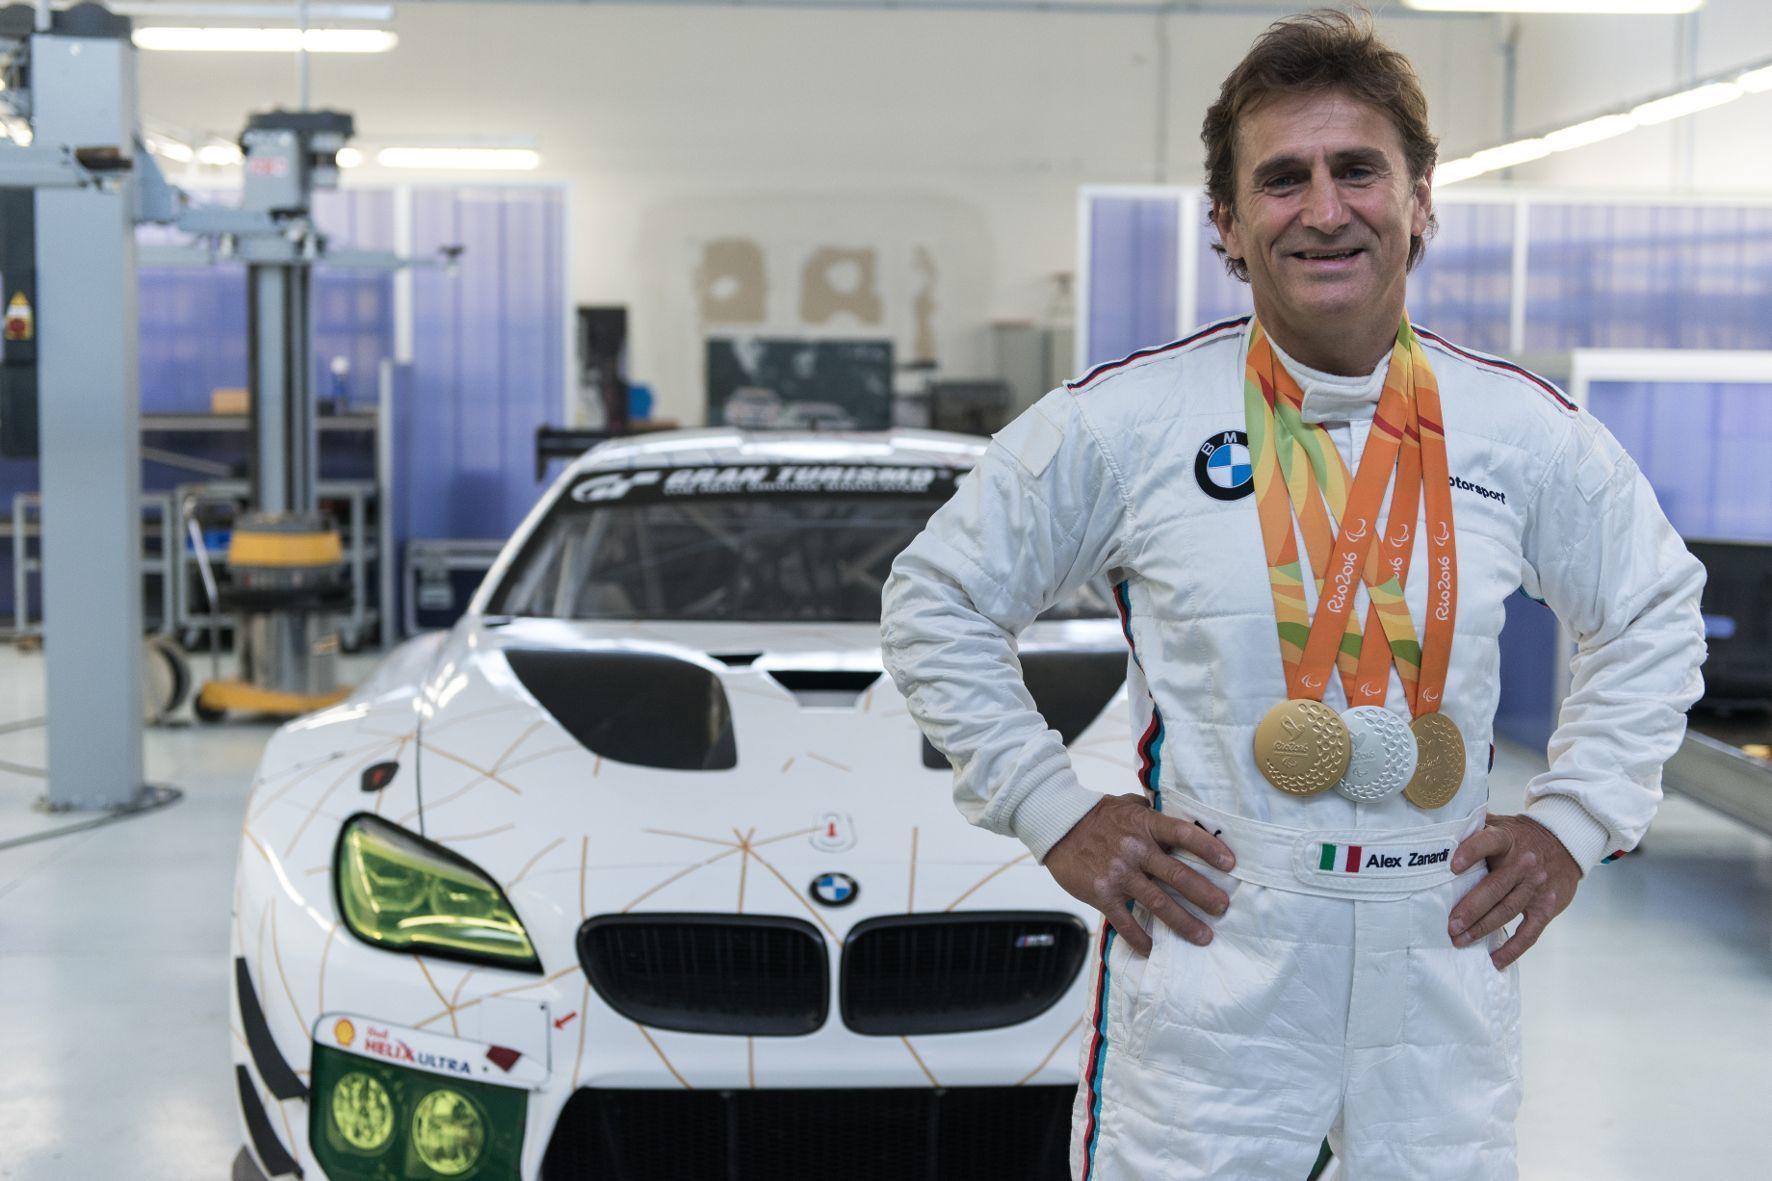 mid Groß-Gerau - Stolz zeigt BMW-Markenbotschafter Alex Zanardi einige seiner Medaillen, die er bei den Paralympics gewonnen hat.